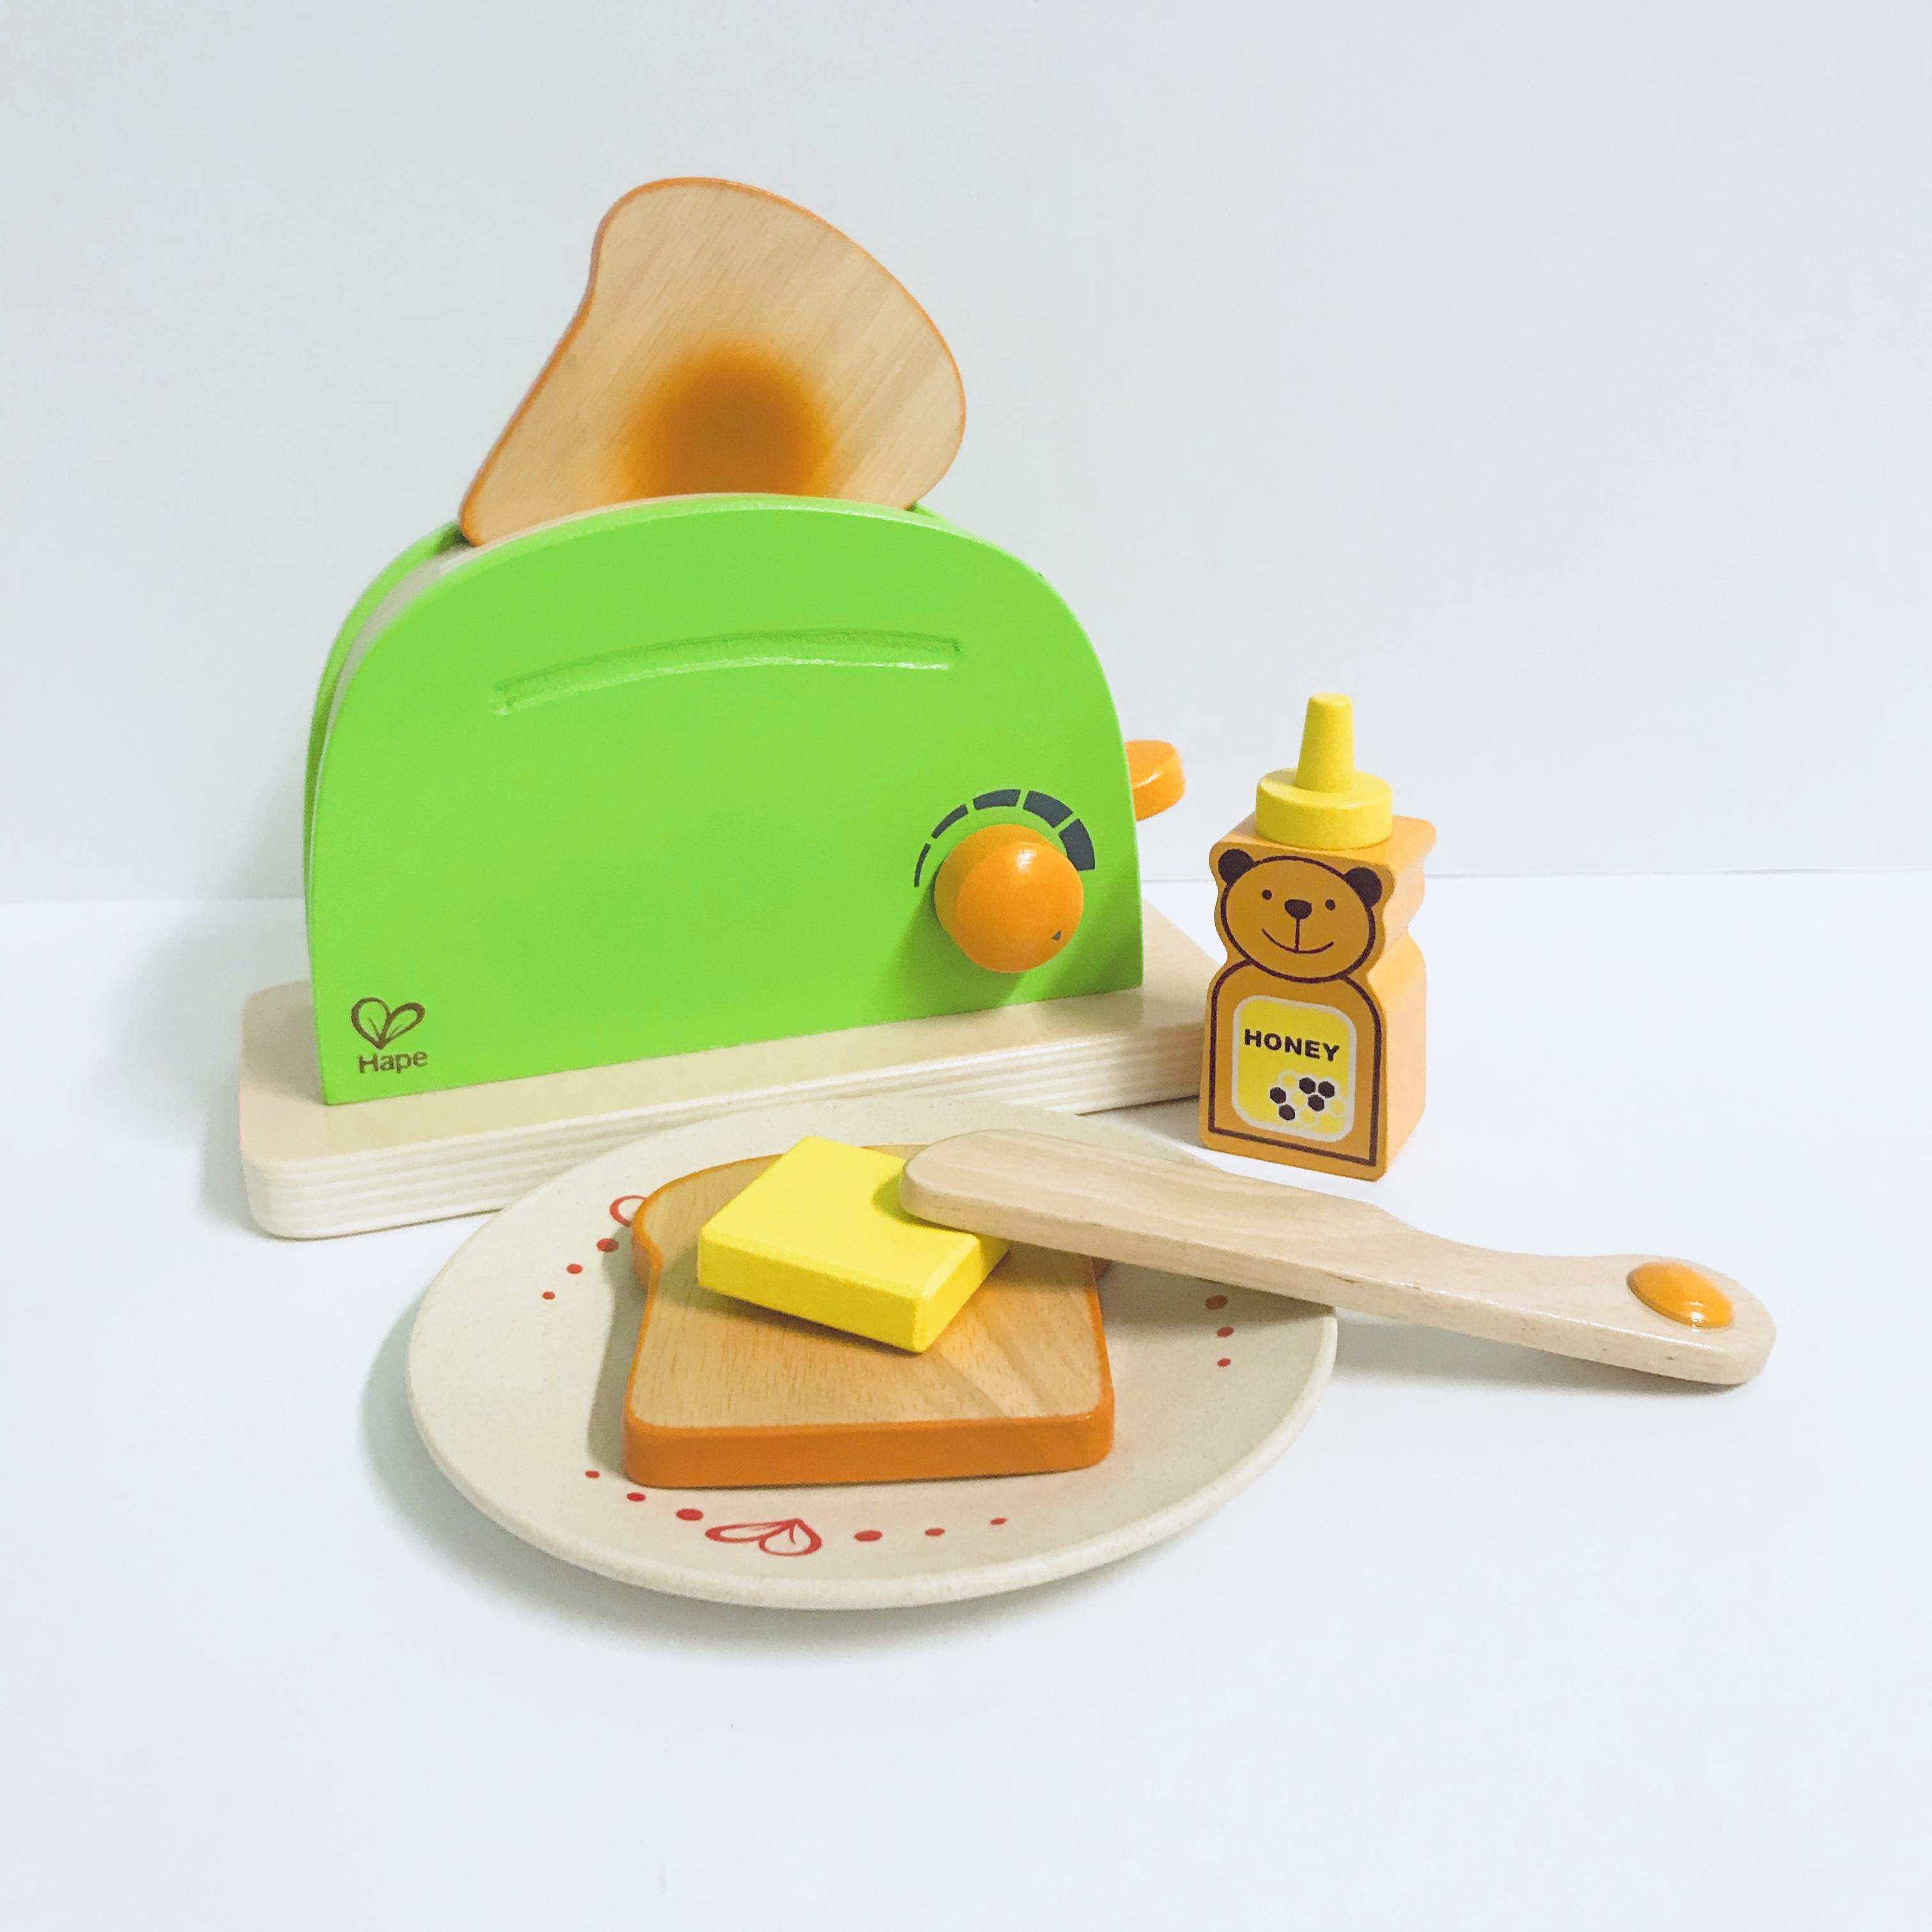 Hape Wooden Toaster